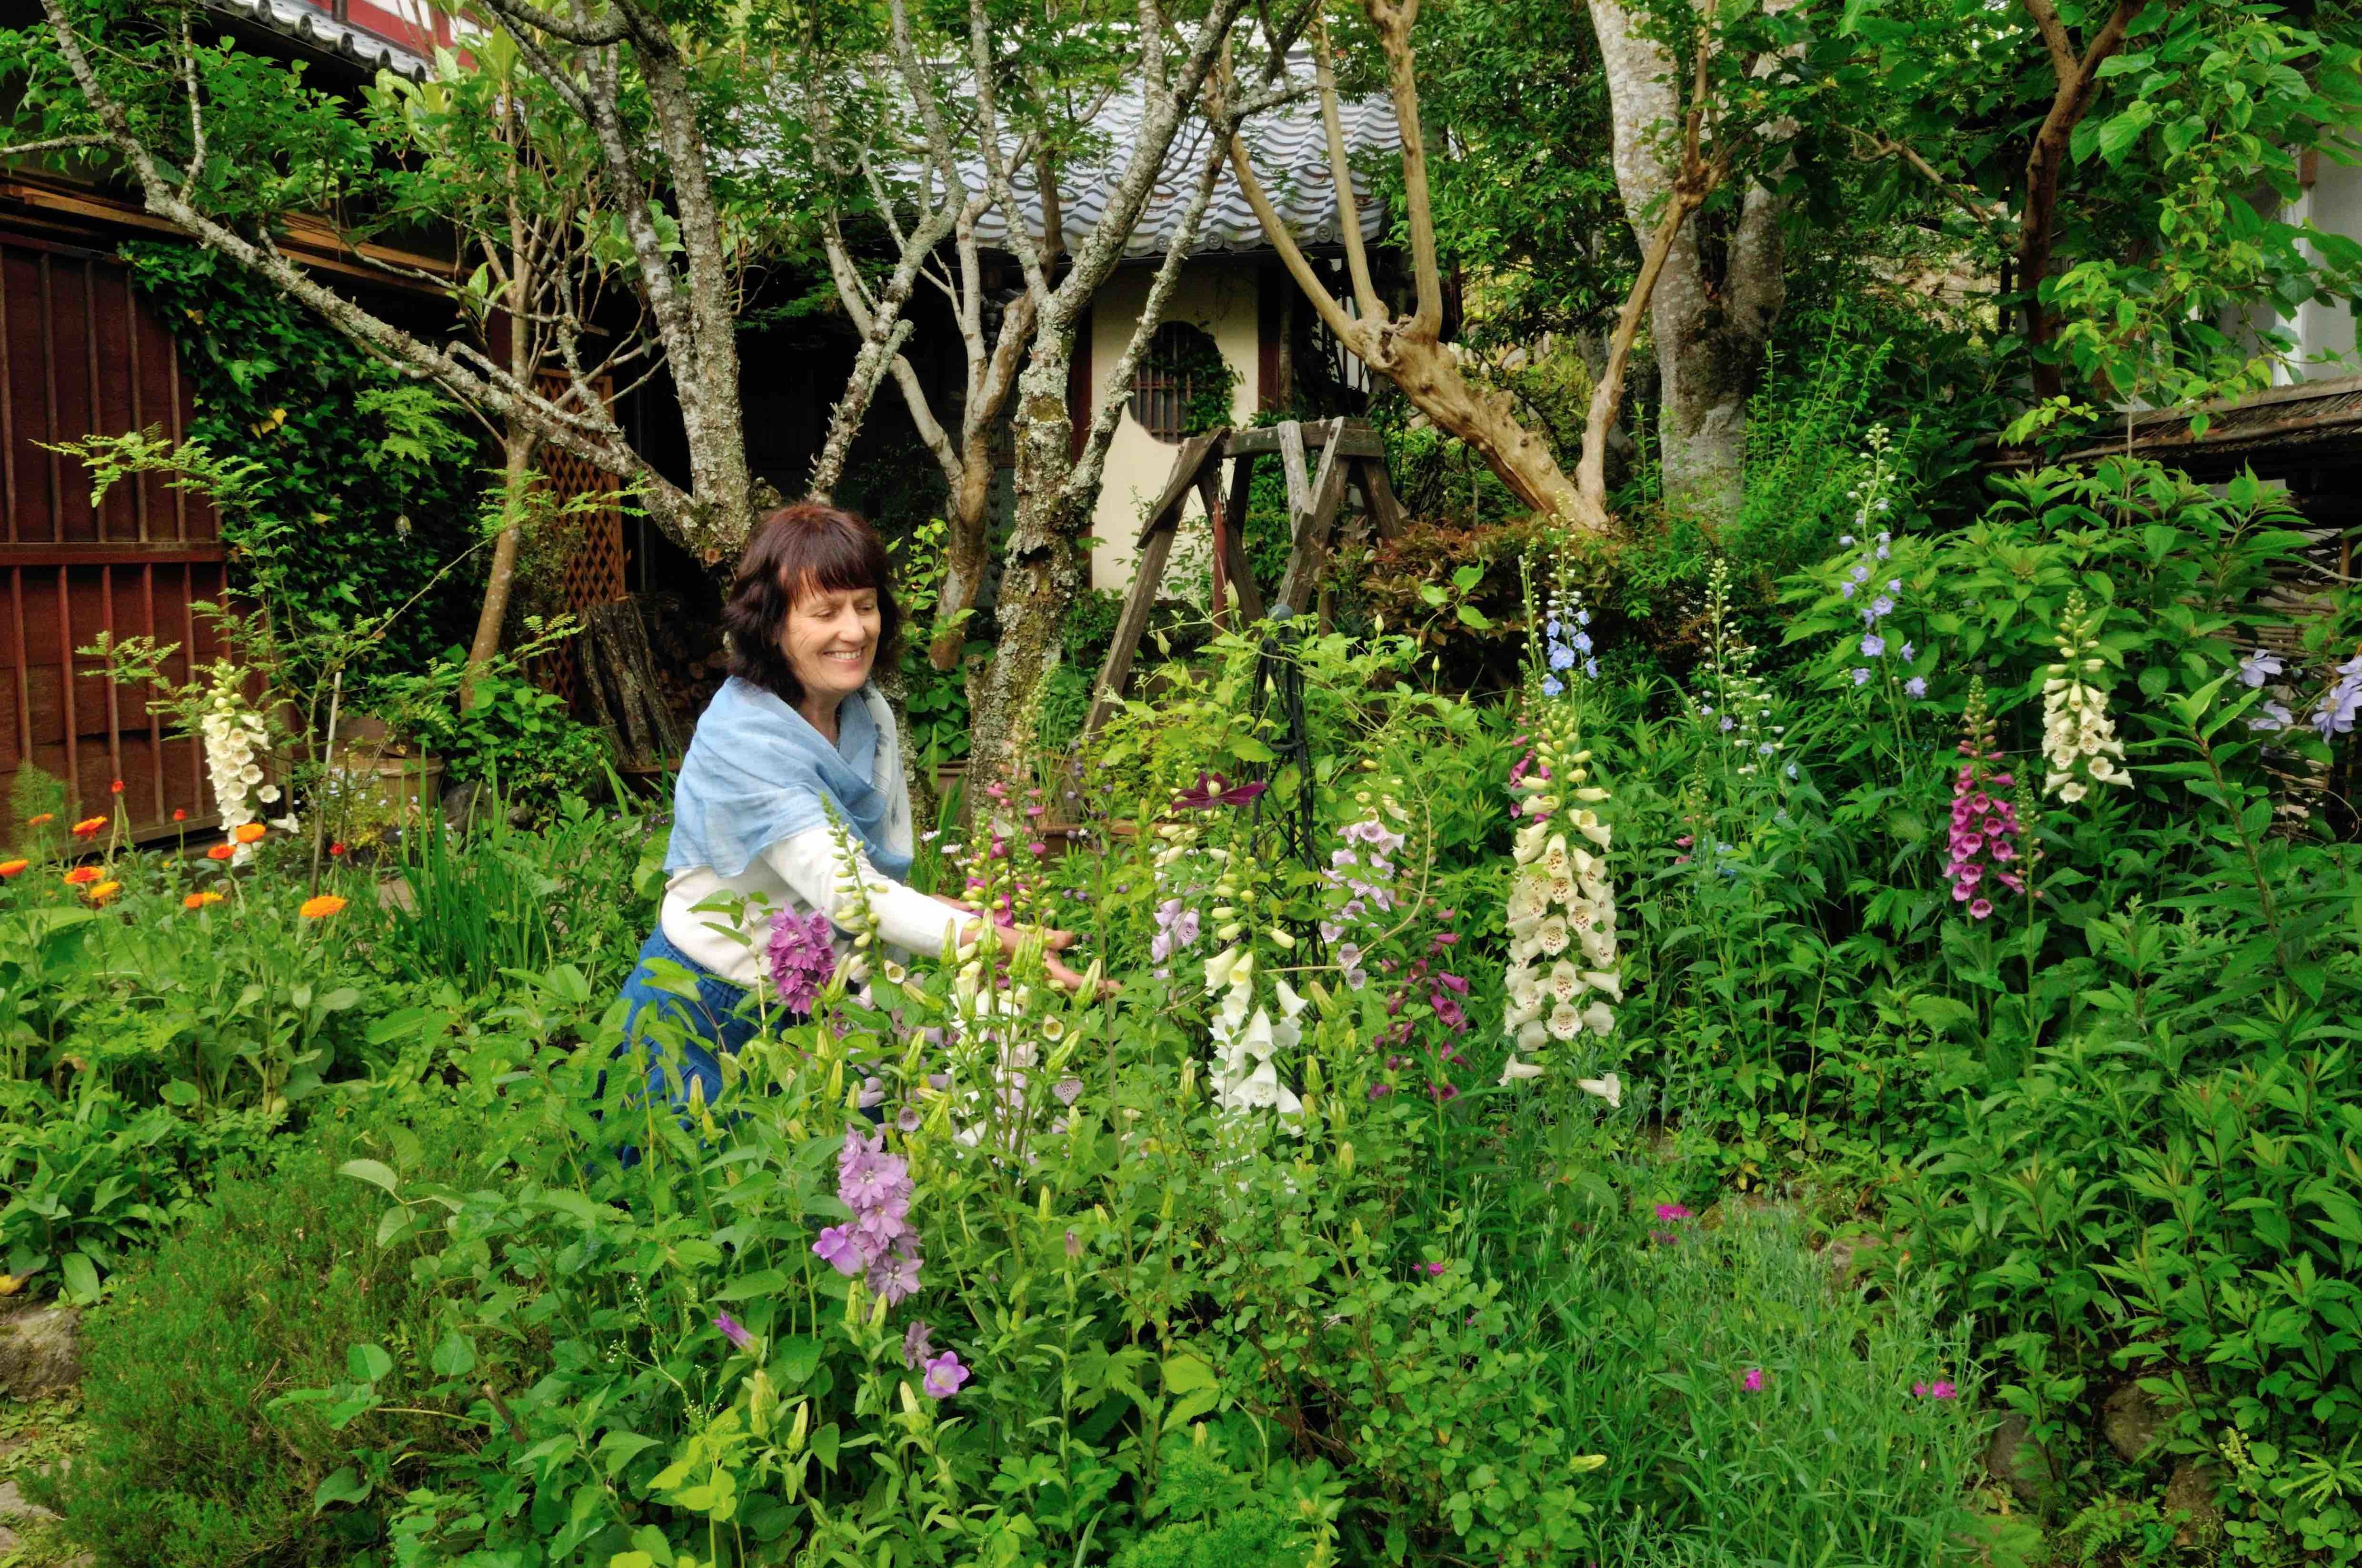 ジキタリスの花咲く初夏の庭 写真撮影=梶山 正